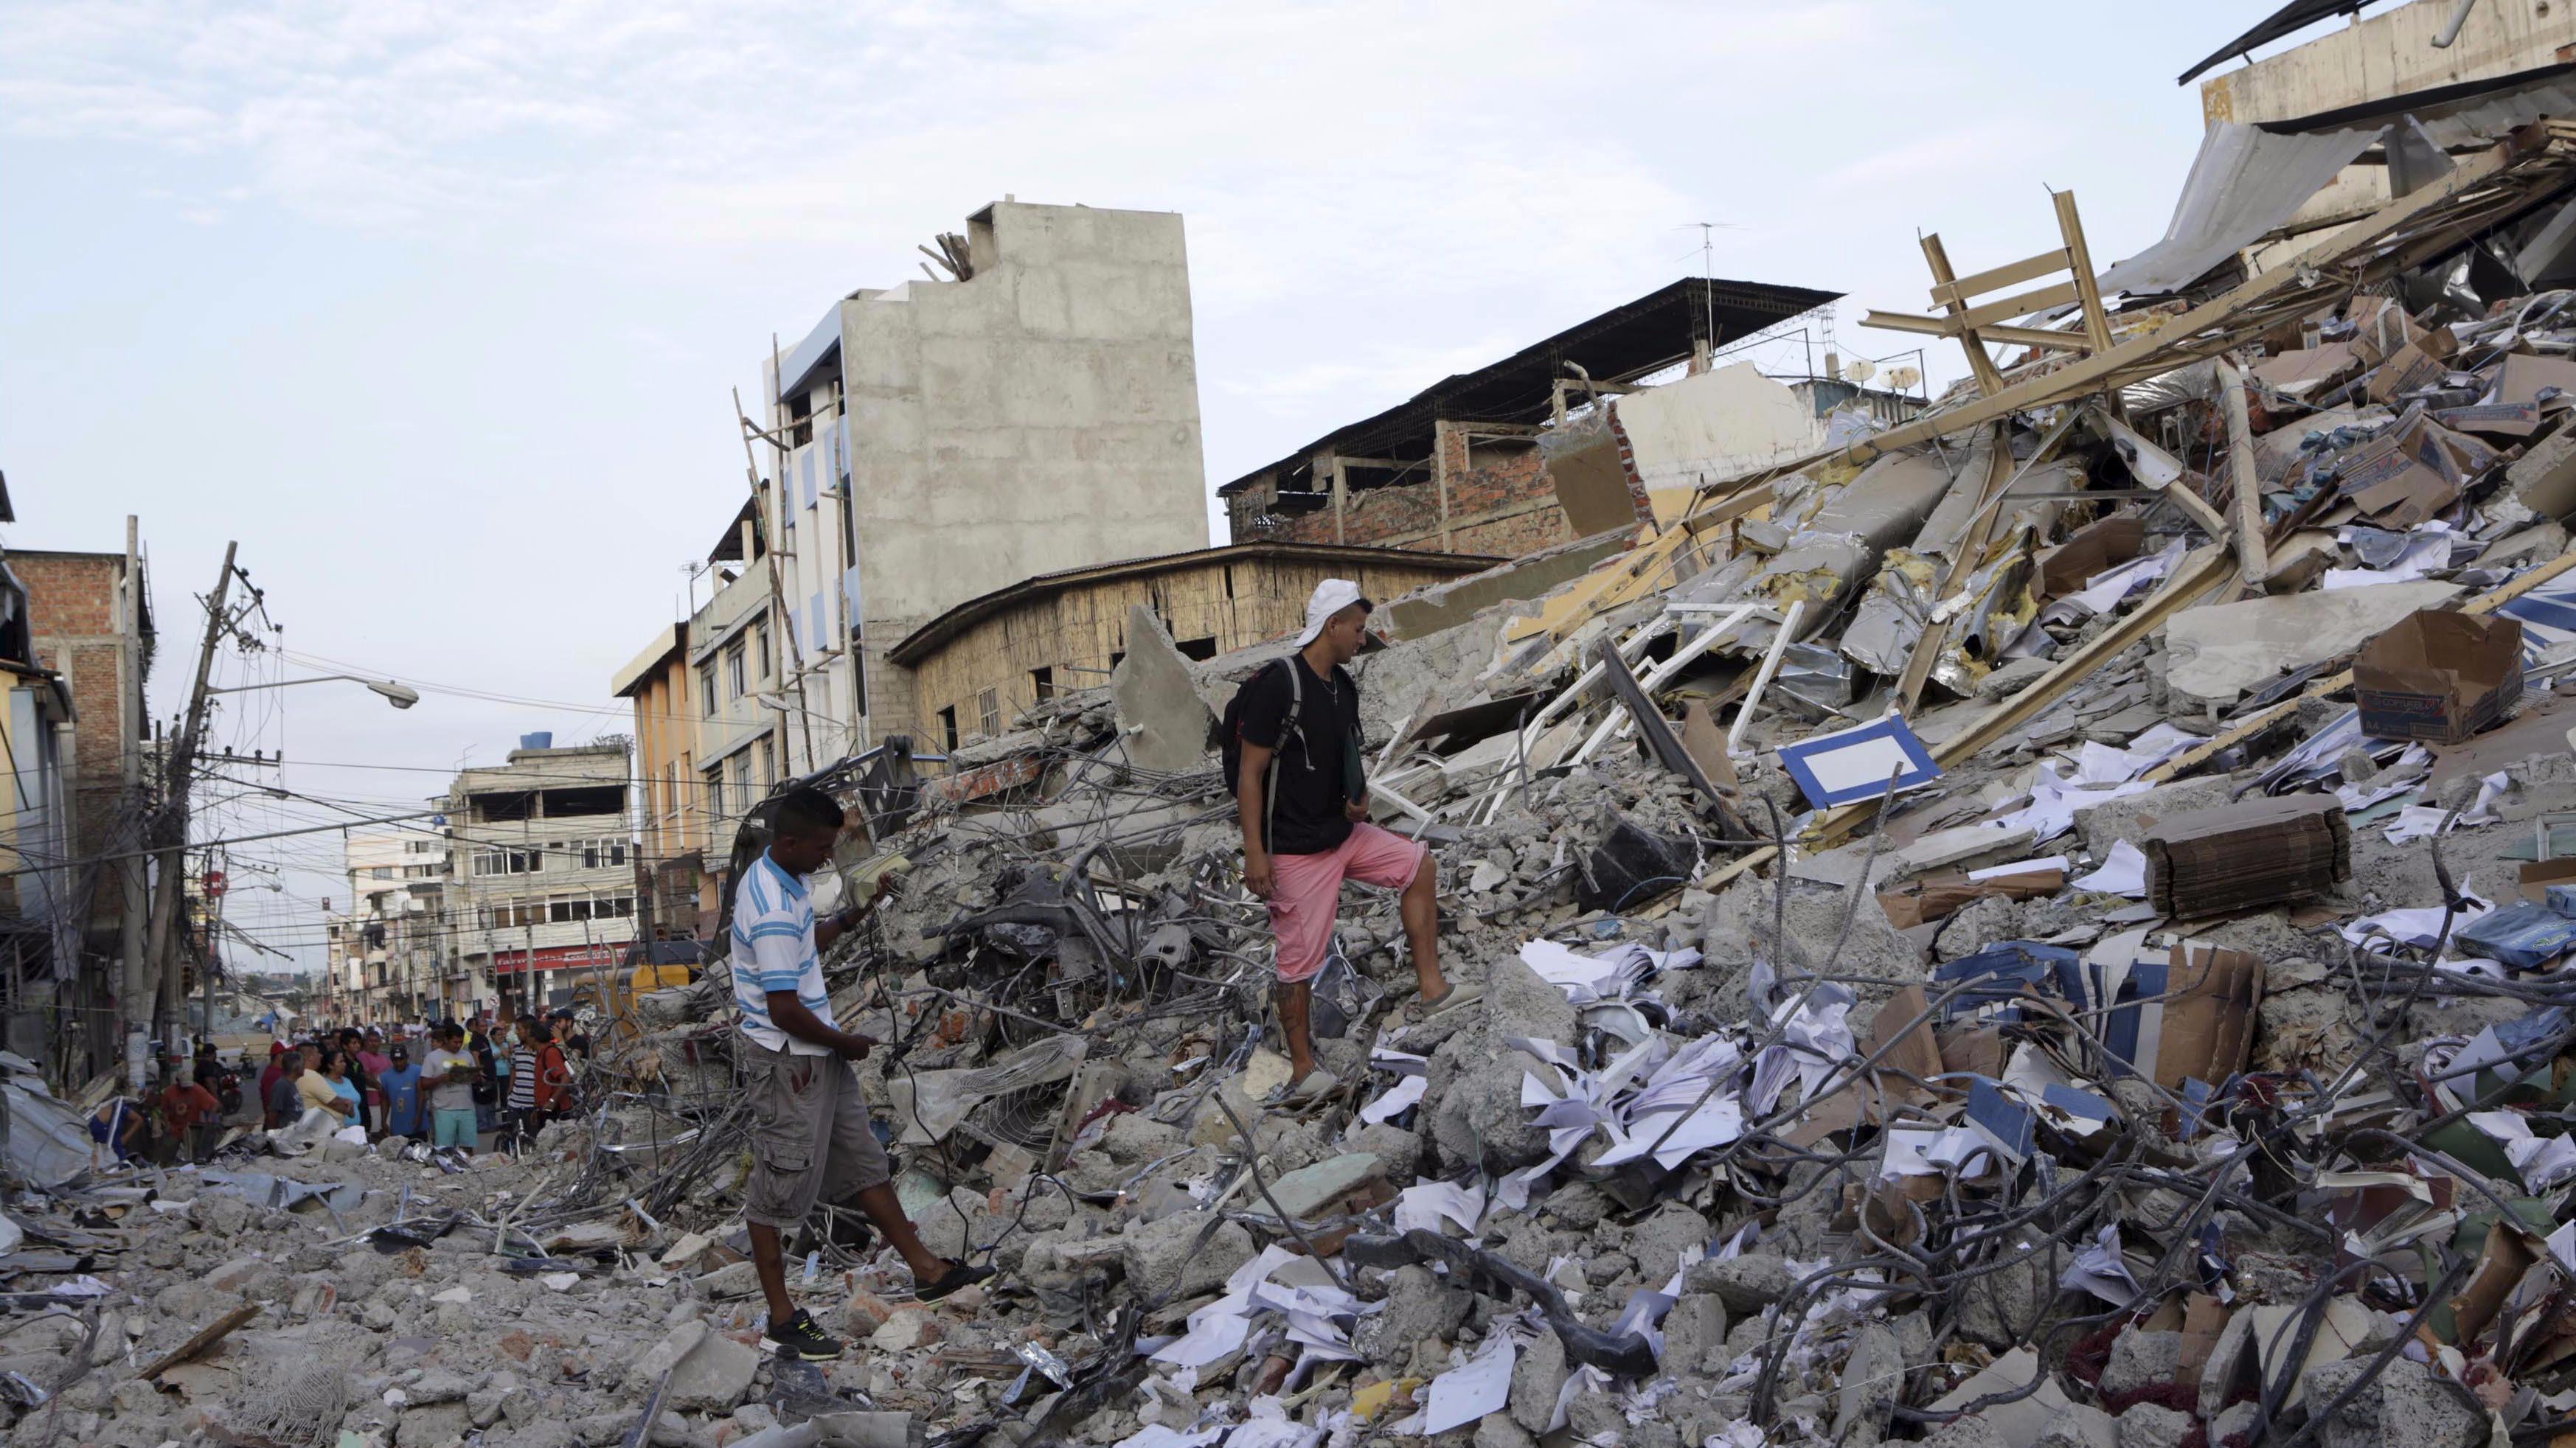 Ecuador quake death toll rises to 413